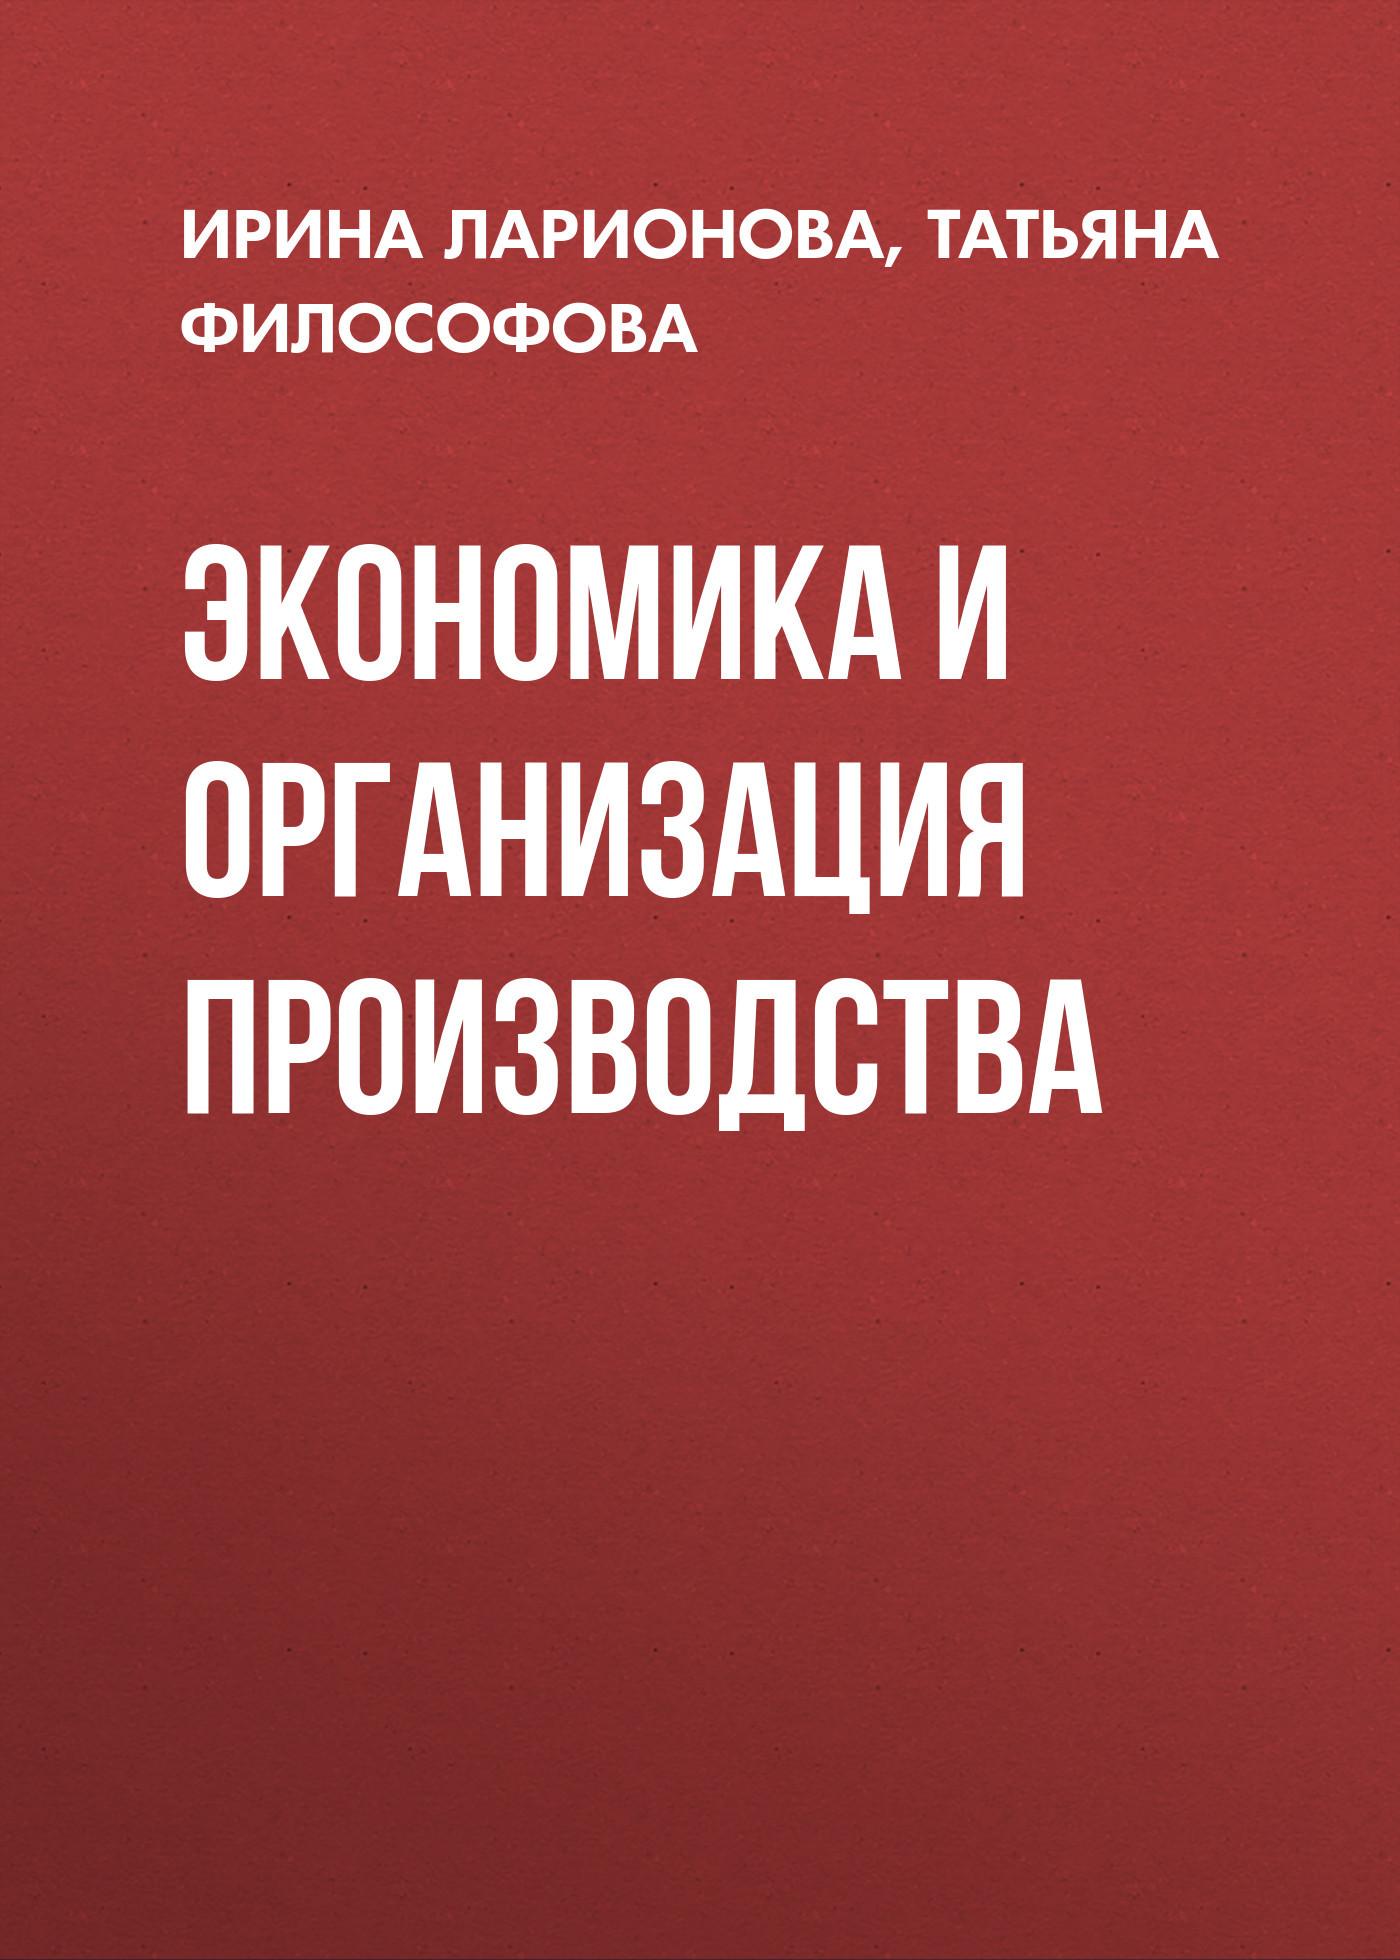 Ирина Ларионова. Экономика и организация производства